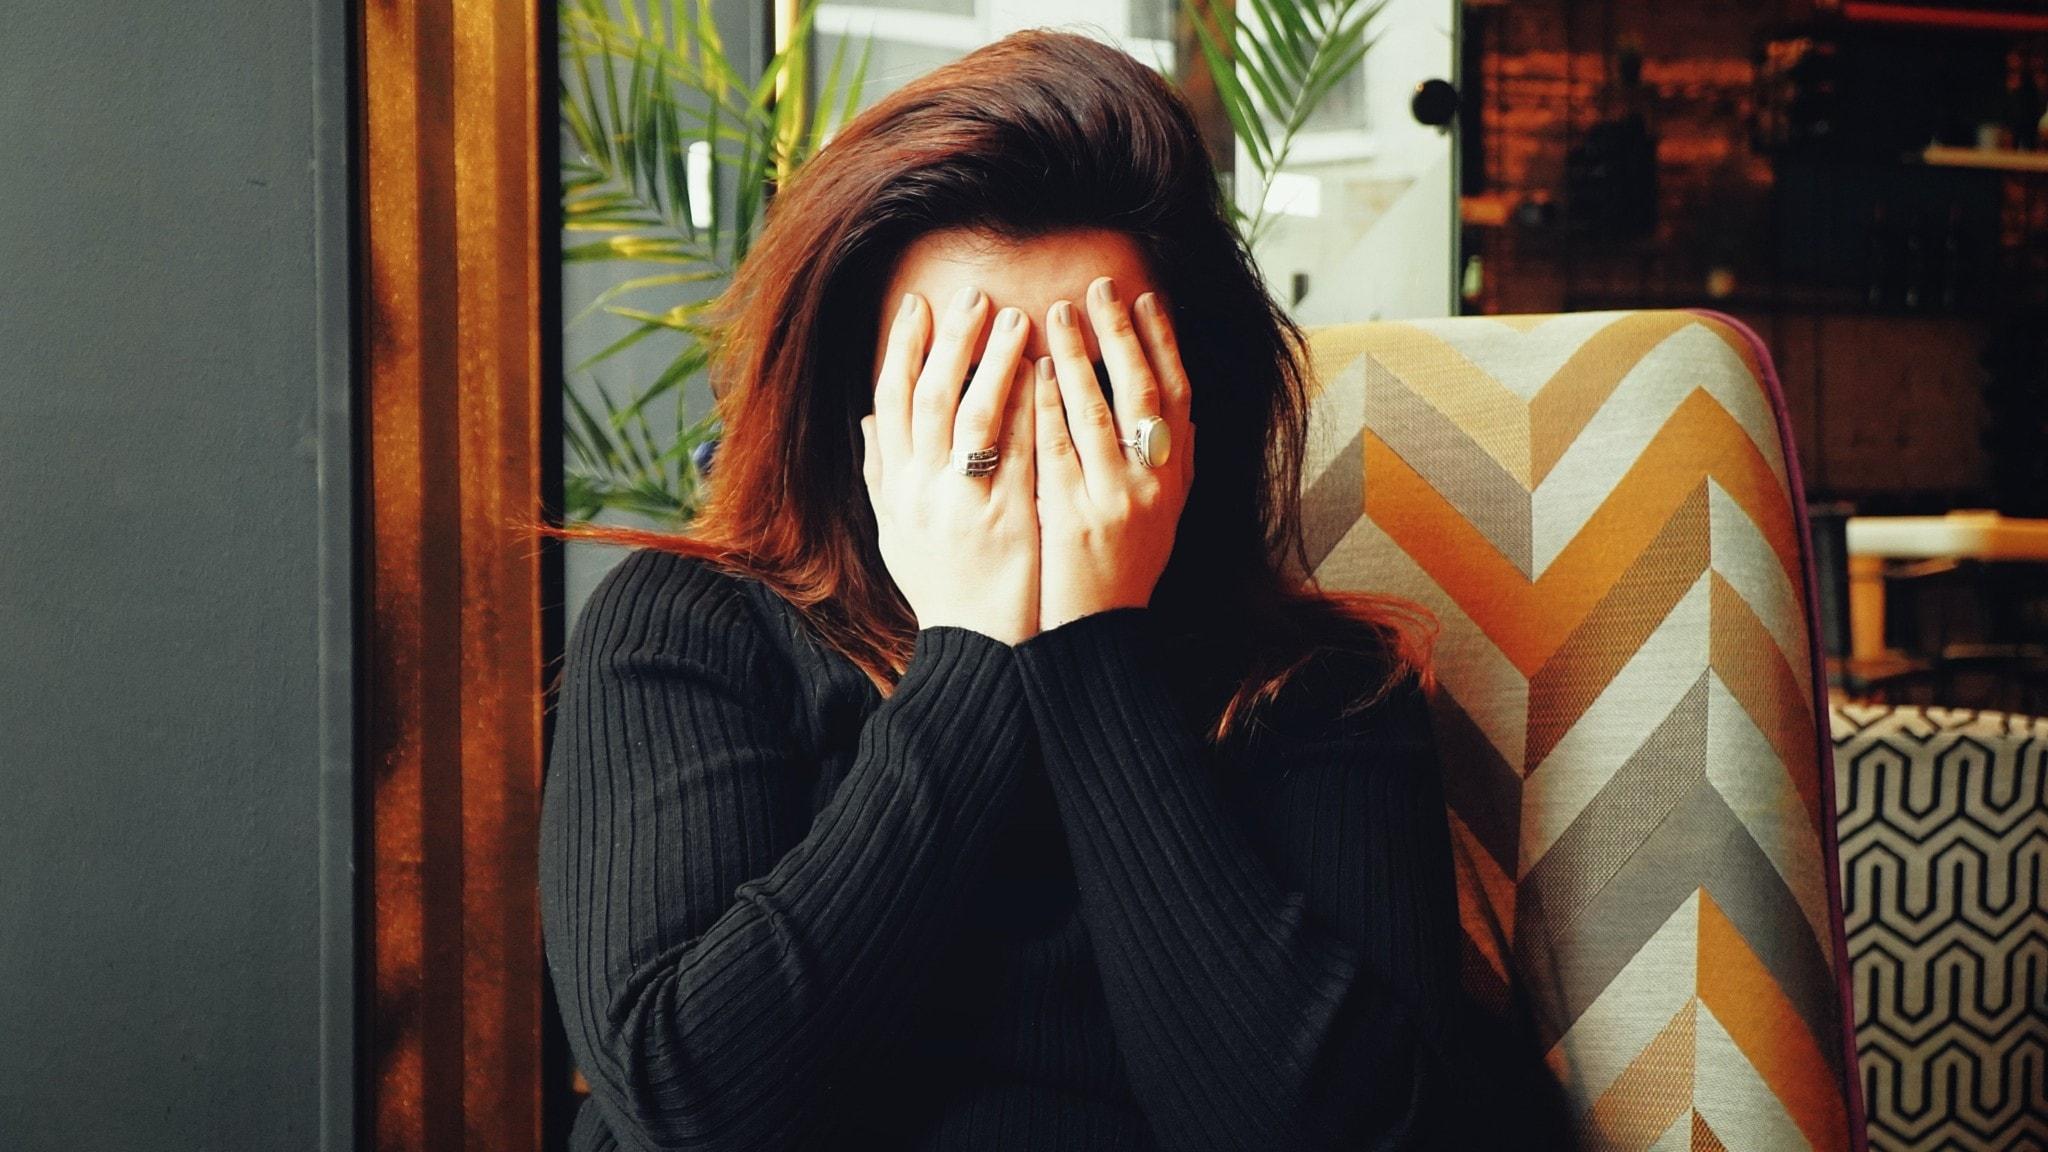 En kvinna håller händerna för ansiktet och gråter. Kvinnan har på sig en långärmad svart tröja. Håret är utsläppt och brunt och hon sitter i en flerfärgad stol.